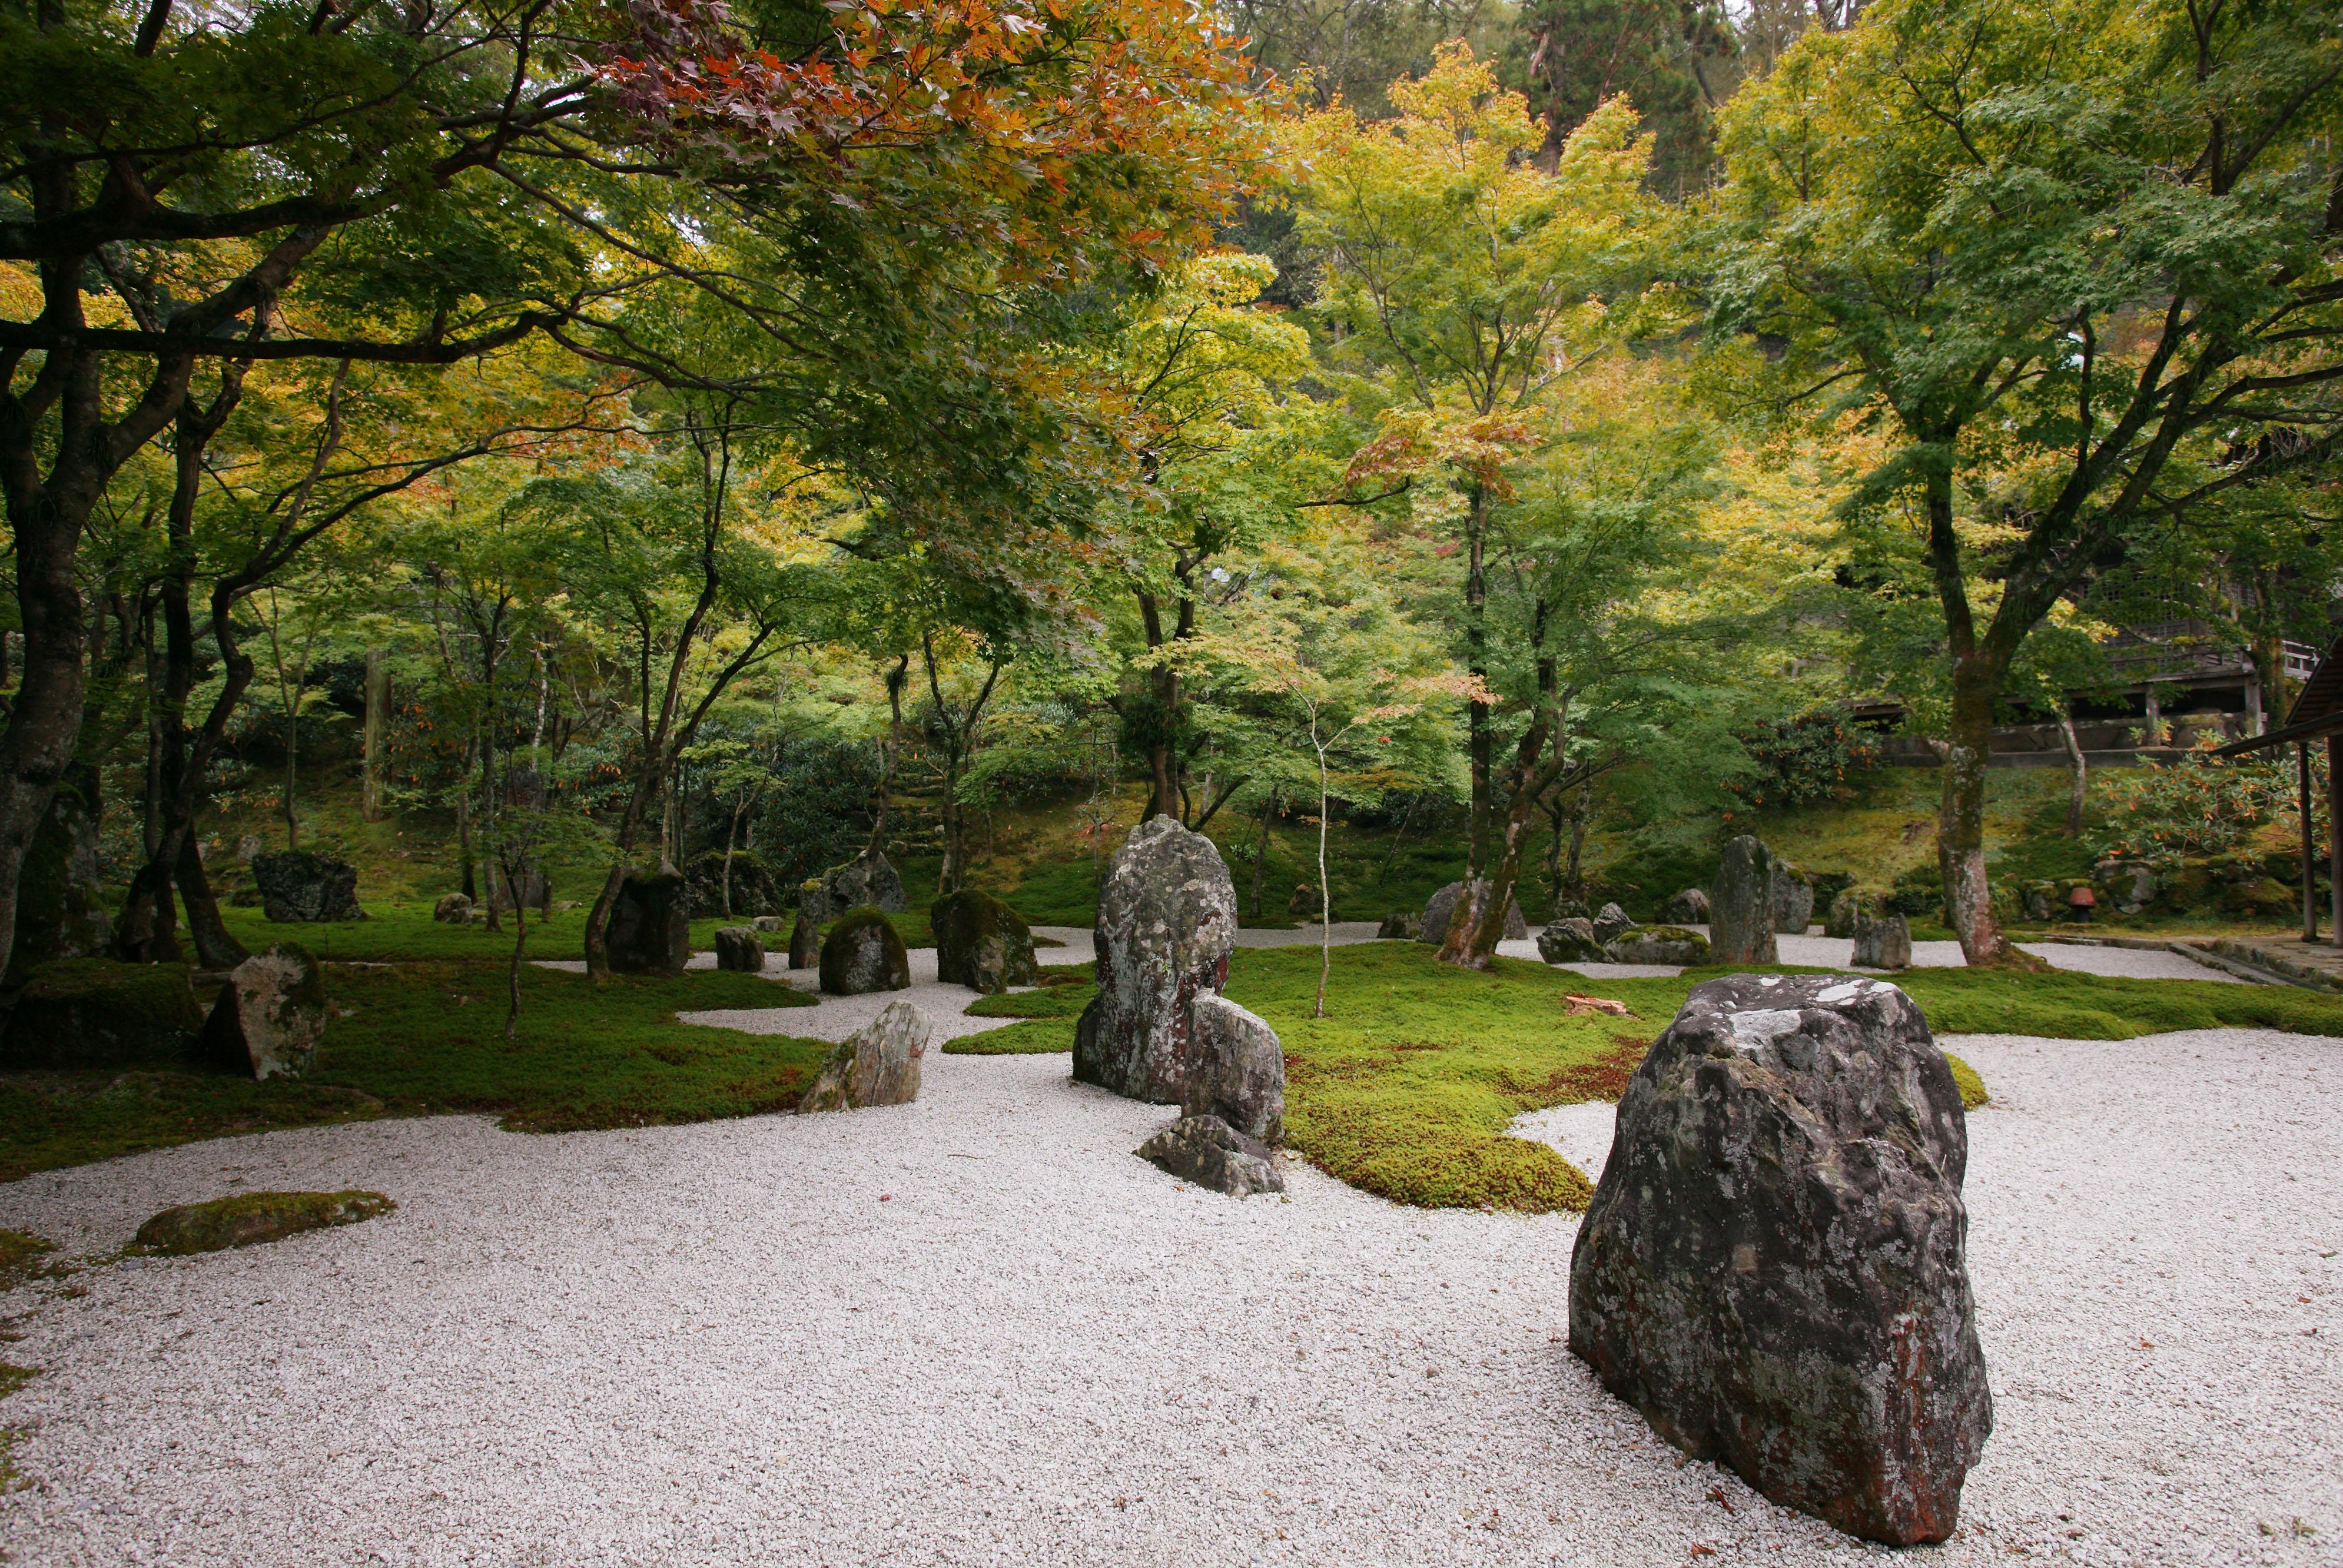 Zen Garden Iphone Wallpaper Zen garden iph 3980x2664